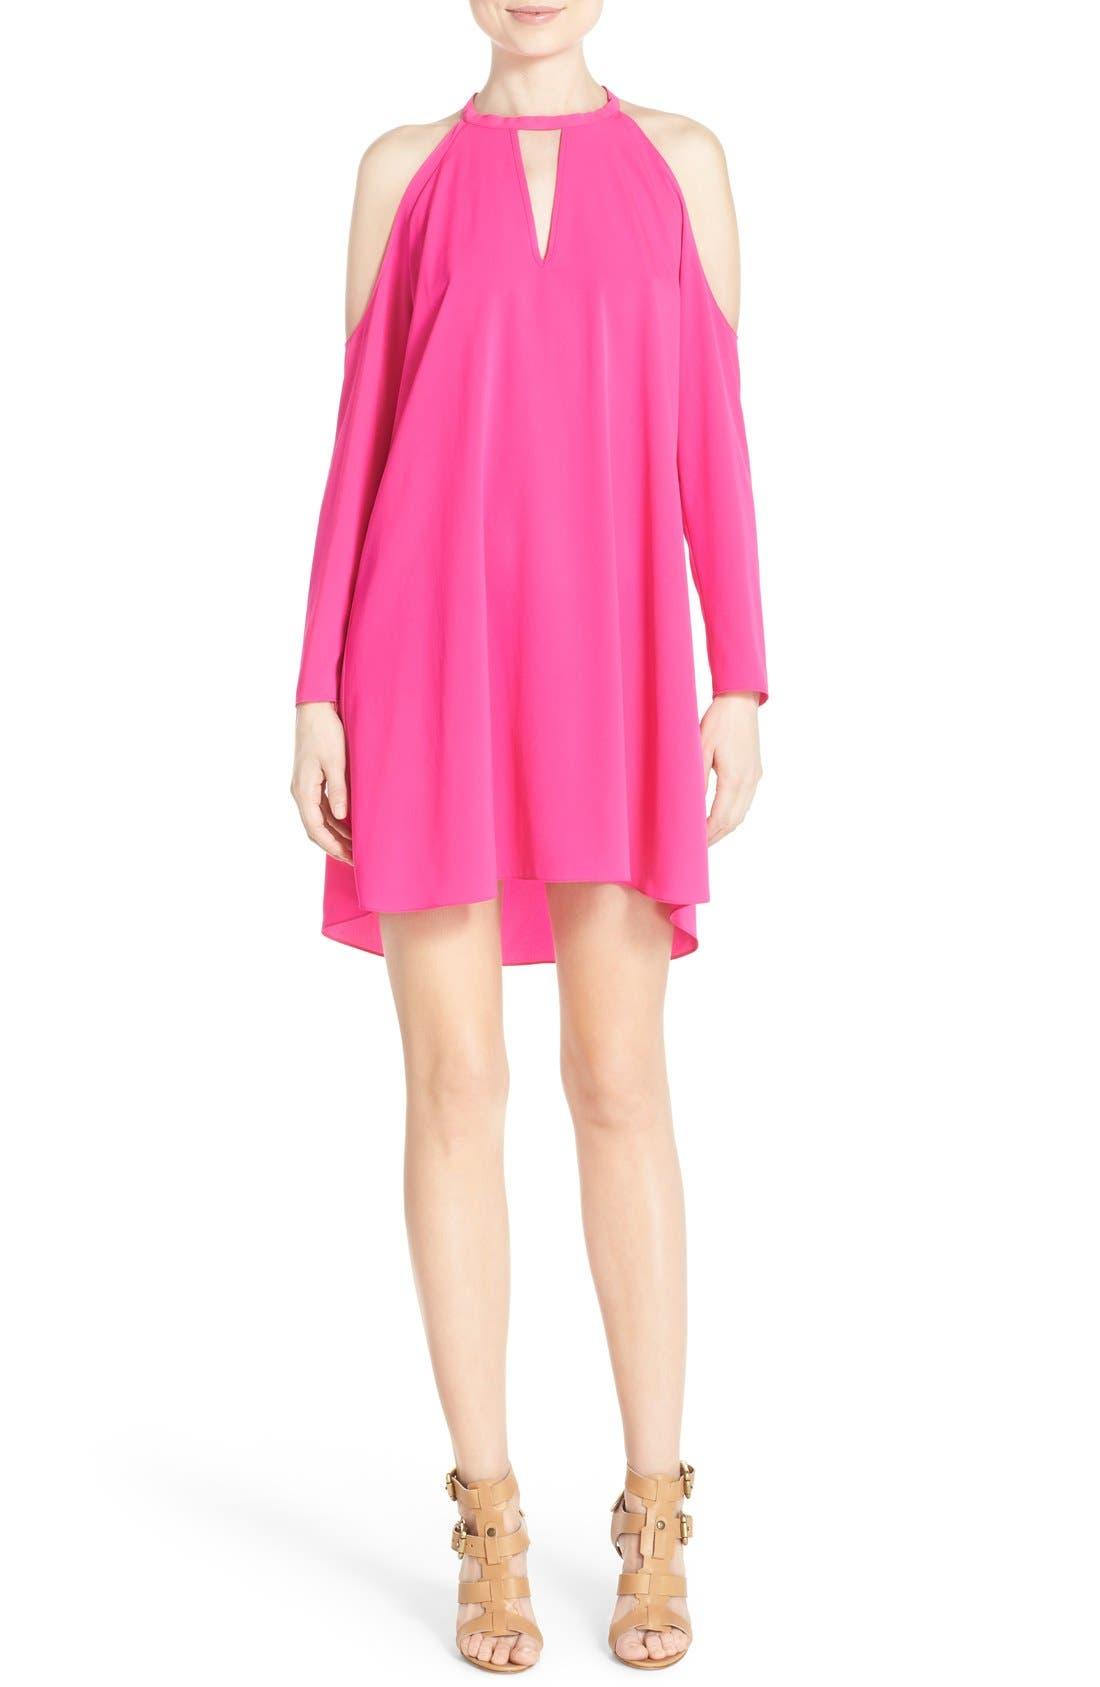 Alternate Image 1 Selected - A by Amanda 'Jasmine' Cold Shoulder Shift Dress